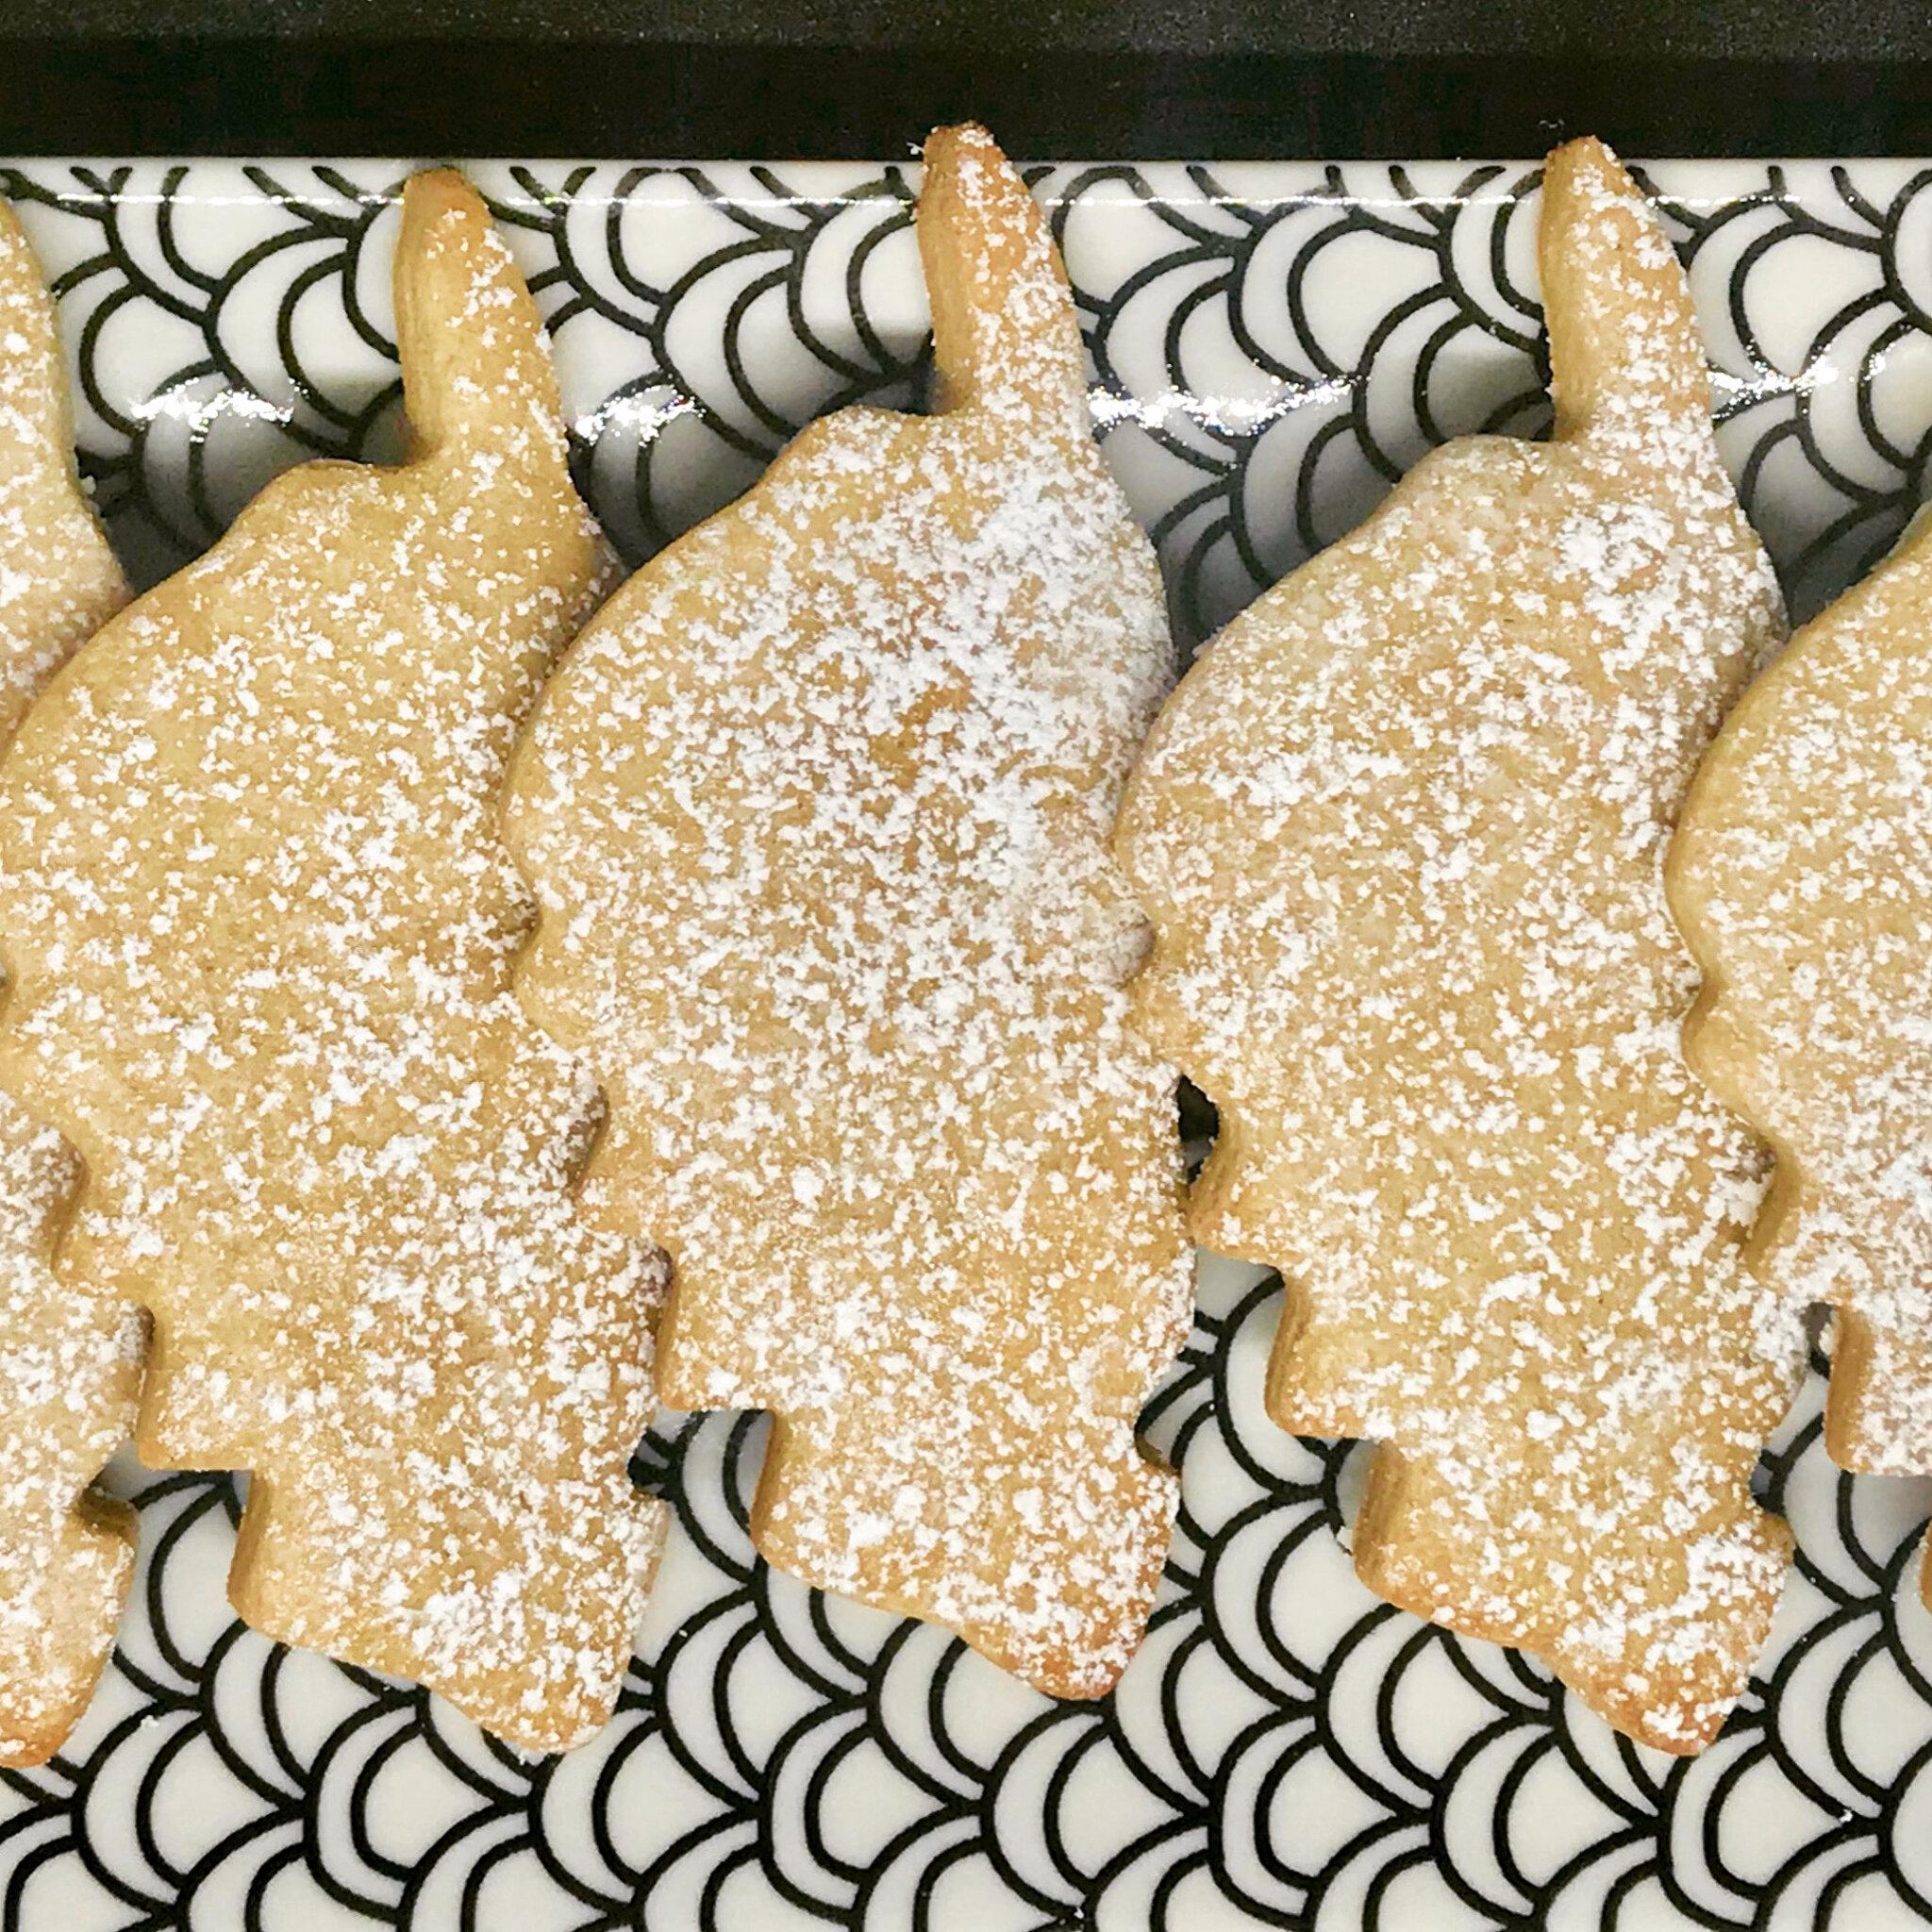 Les Images Subliminales (biscuits à la châtaigne)